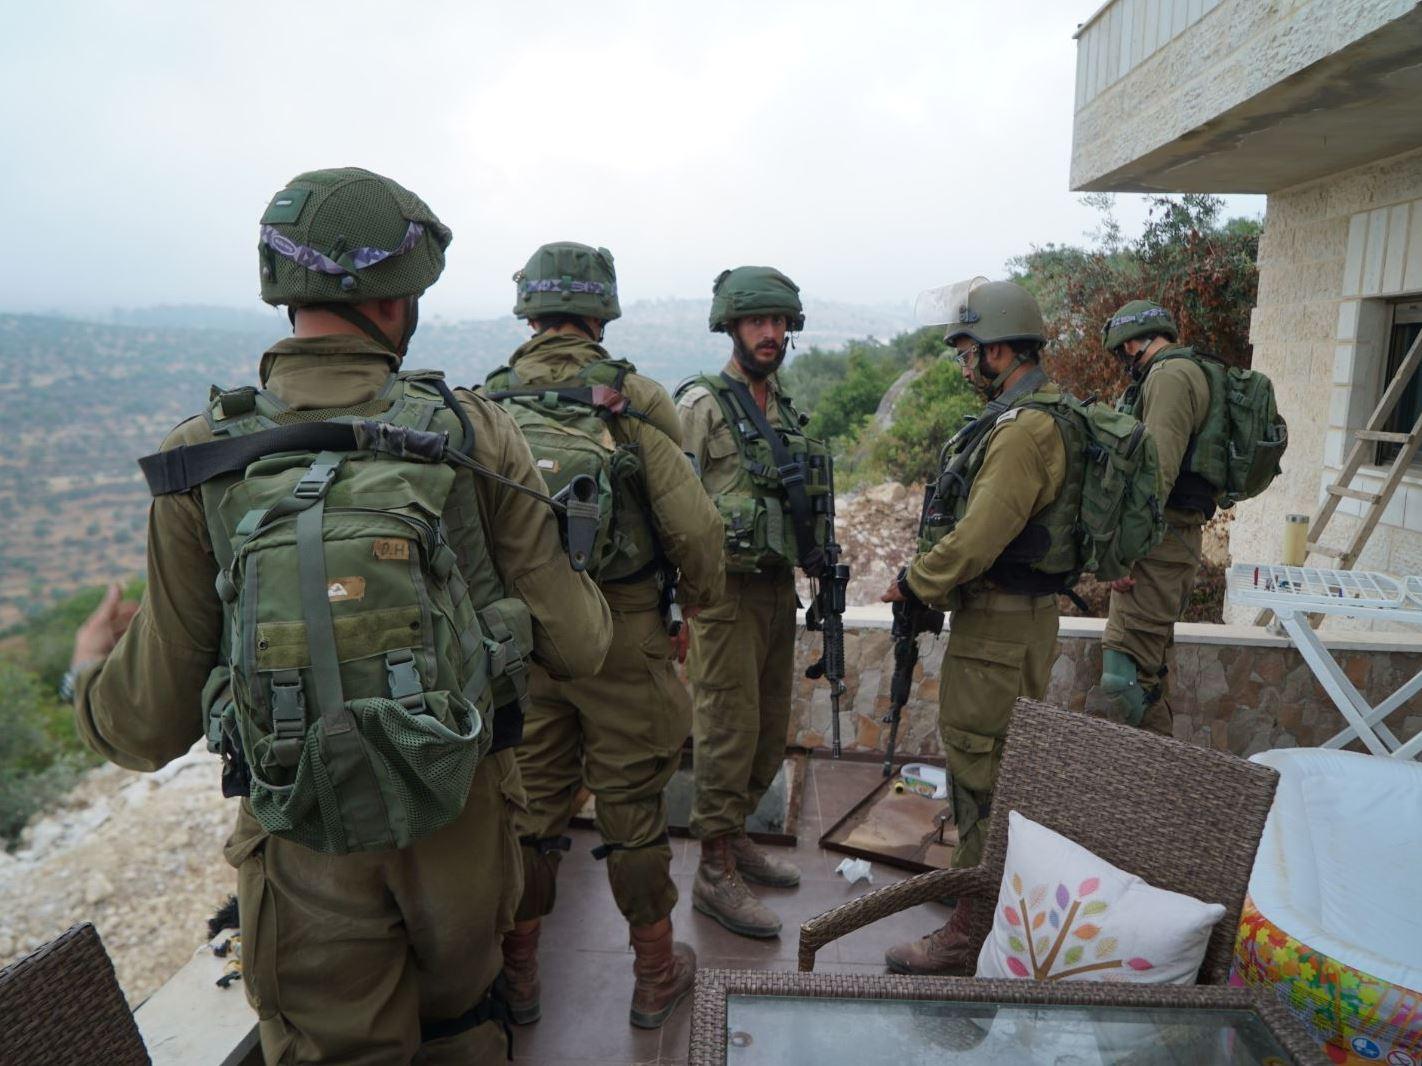 משאל 0404 בקרב 76 חיילים: רוב לליכוד. בן גביר שחשבונו נסגר: ״נפרסם בדף המפלגה״